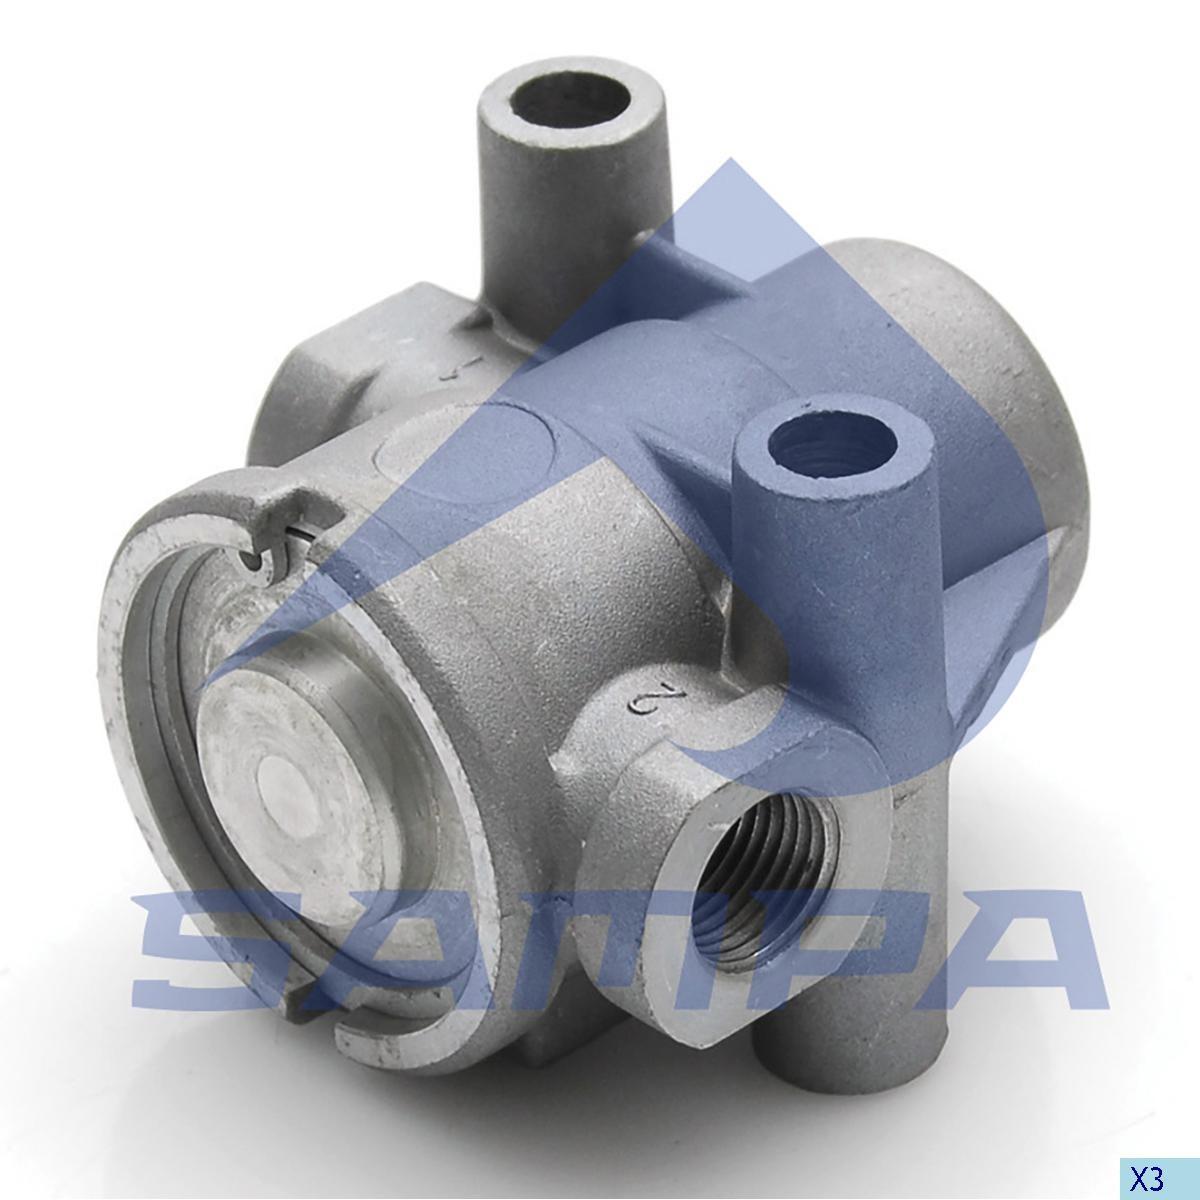 Клапан регулировки давления Iveco (98413945) 11 bar photo